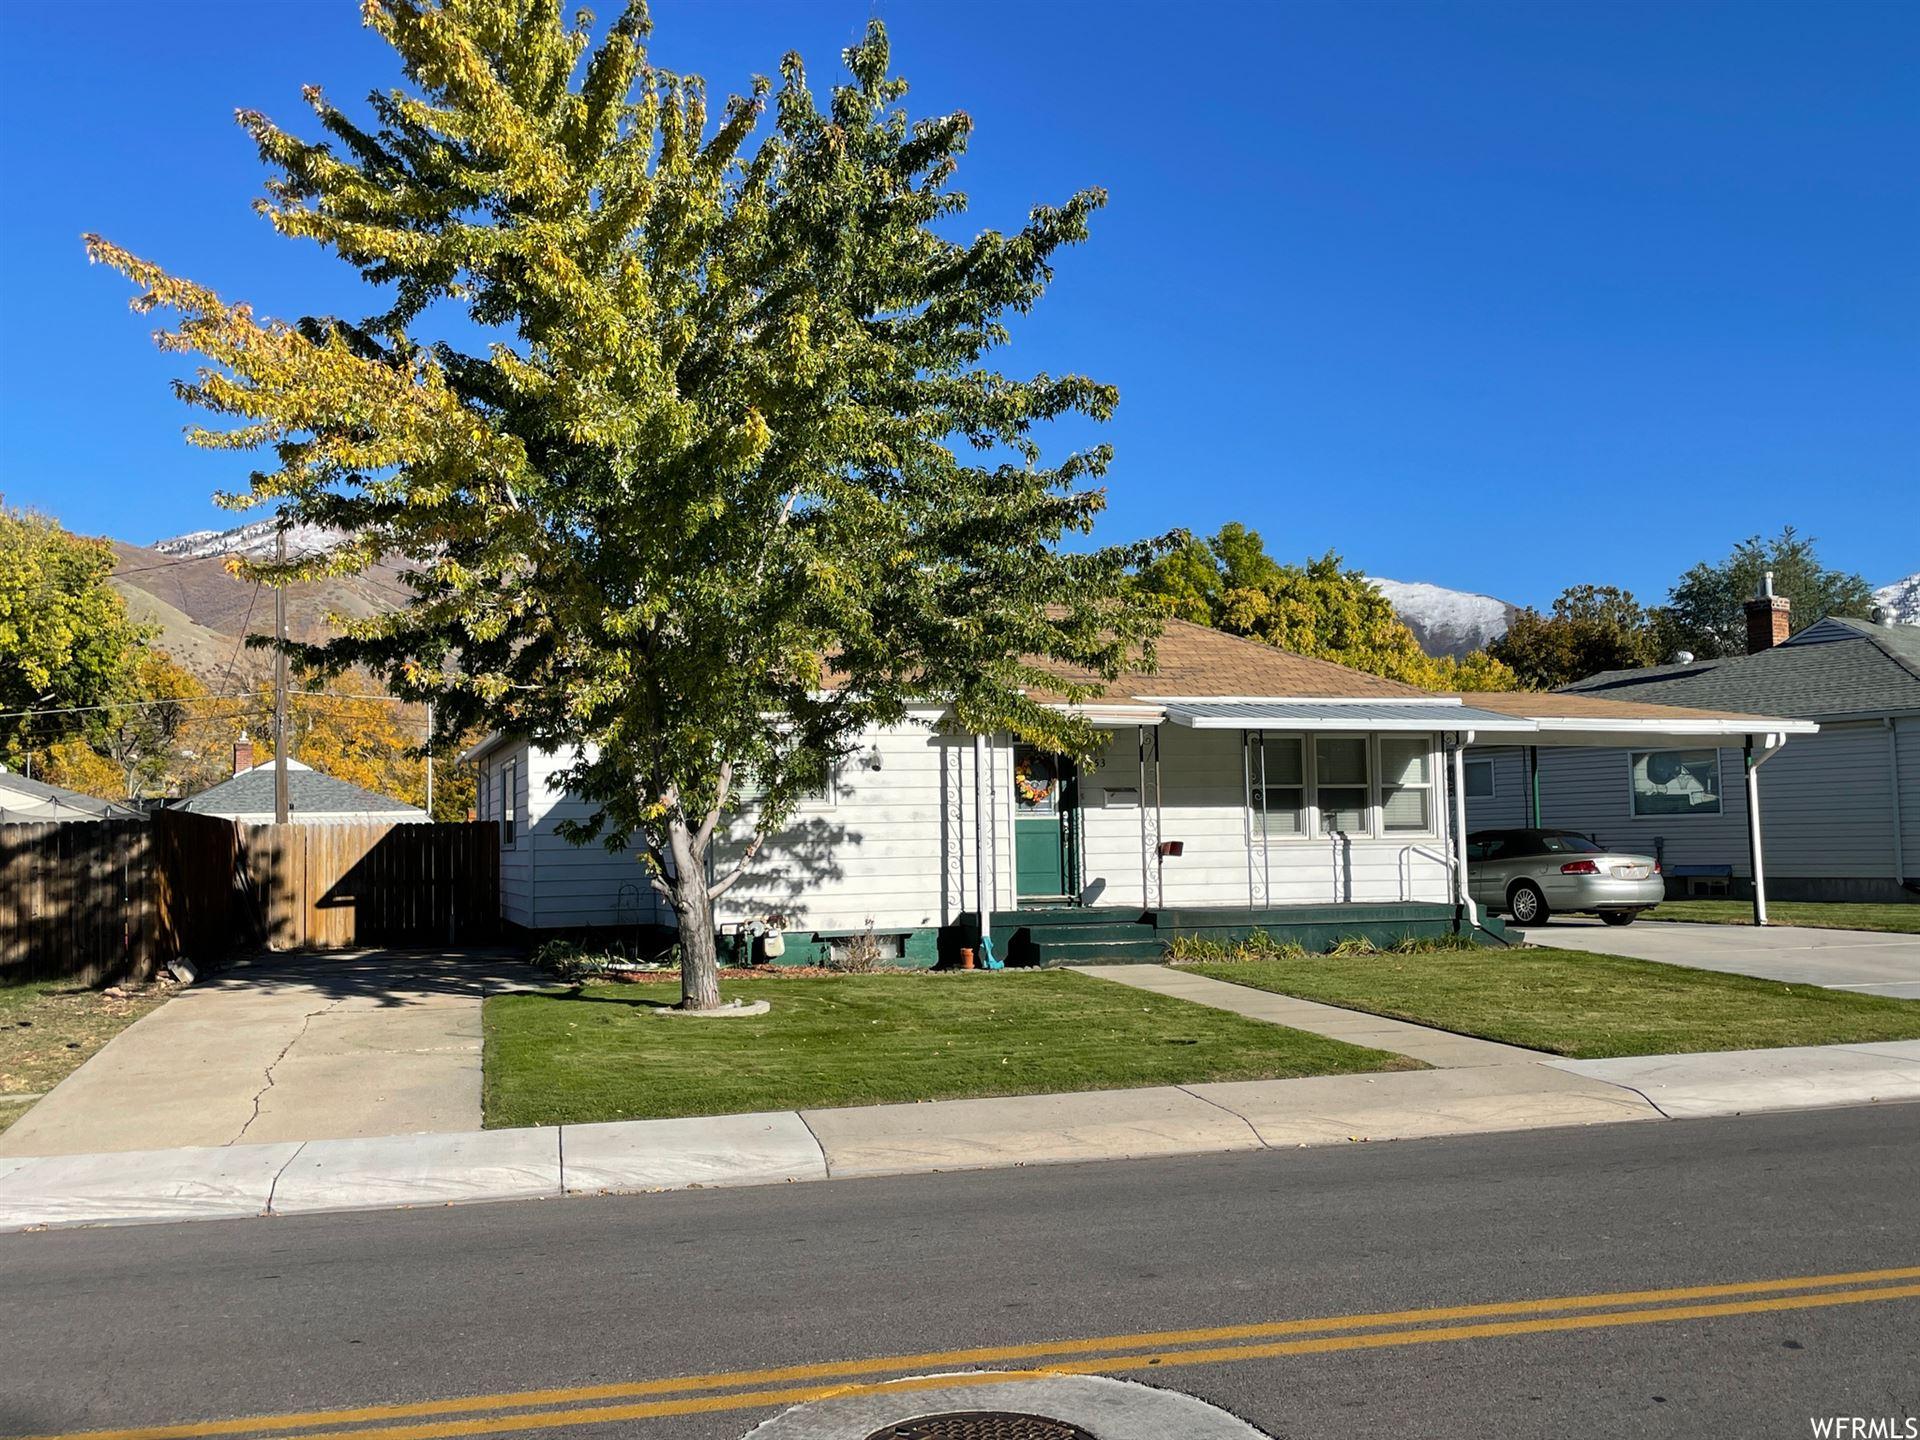 Photo of 253 S BROOKSIDE E DR, Springville, UT 84663 (MLS # 1776166)